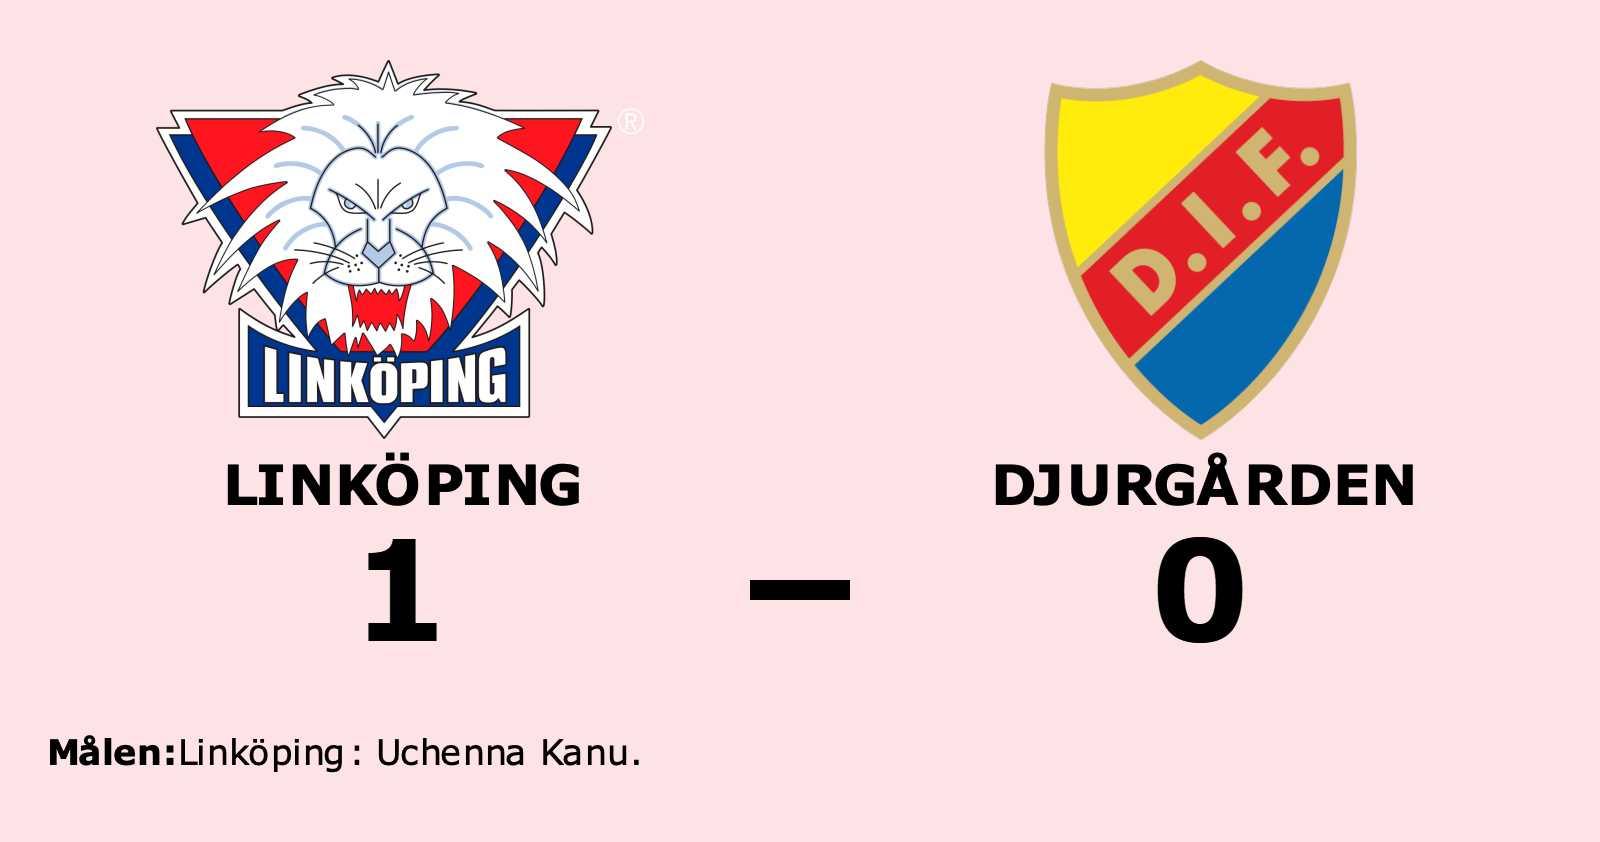 Uchenna Kanu matchhjälte för Linköping mot Djurgården